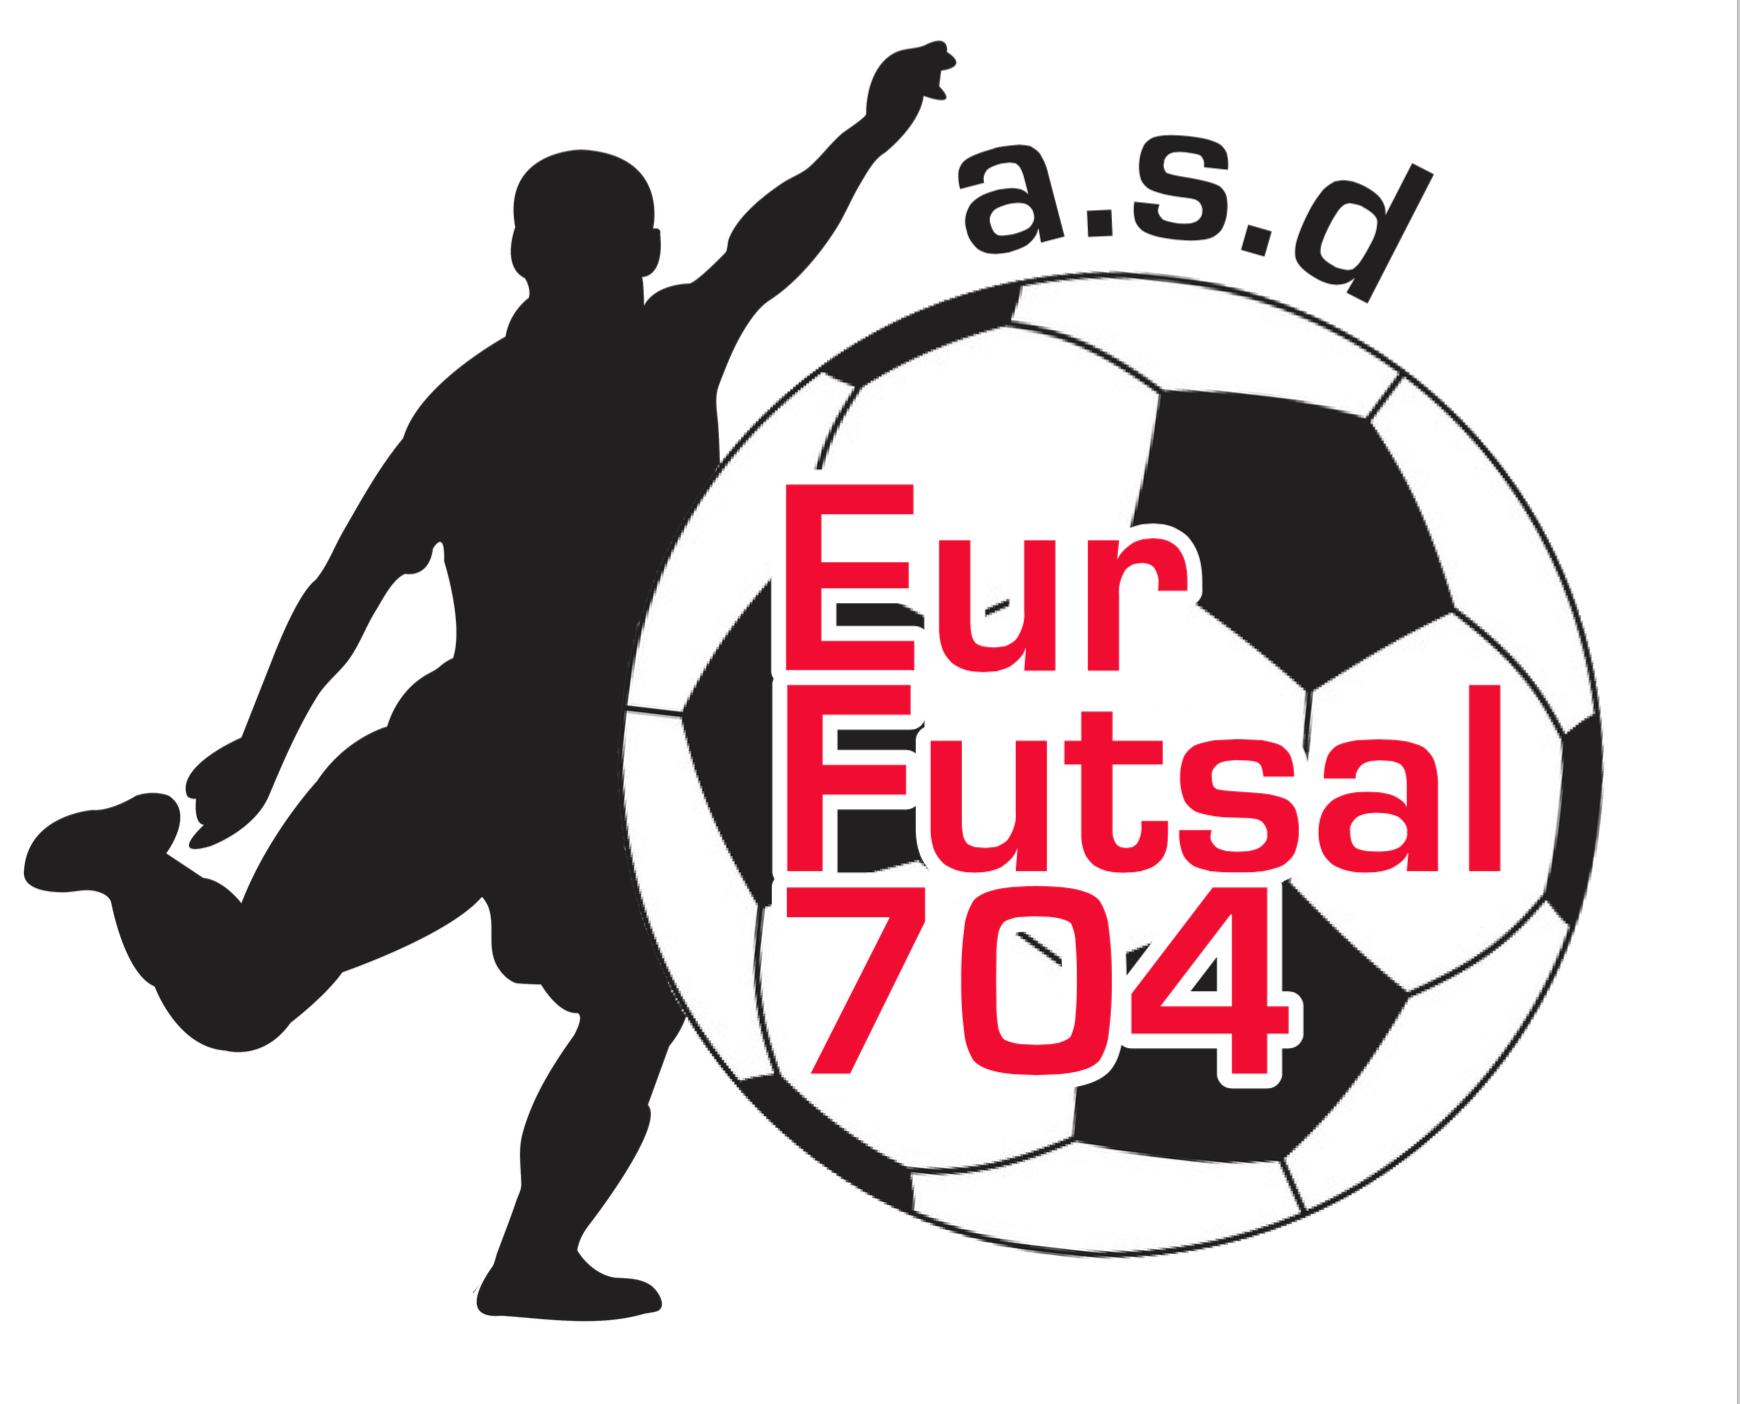 EUR FUTSAL 704